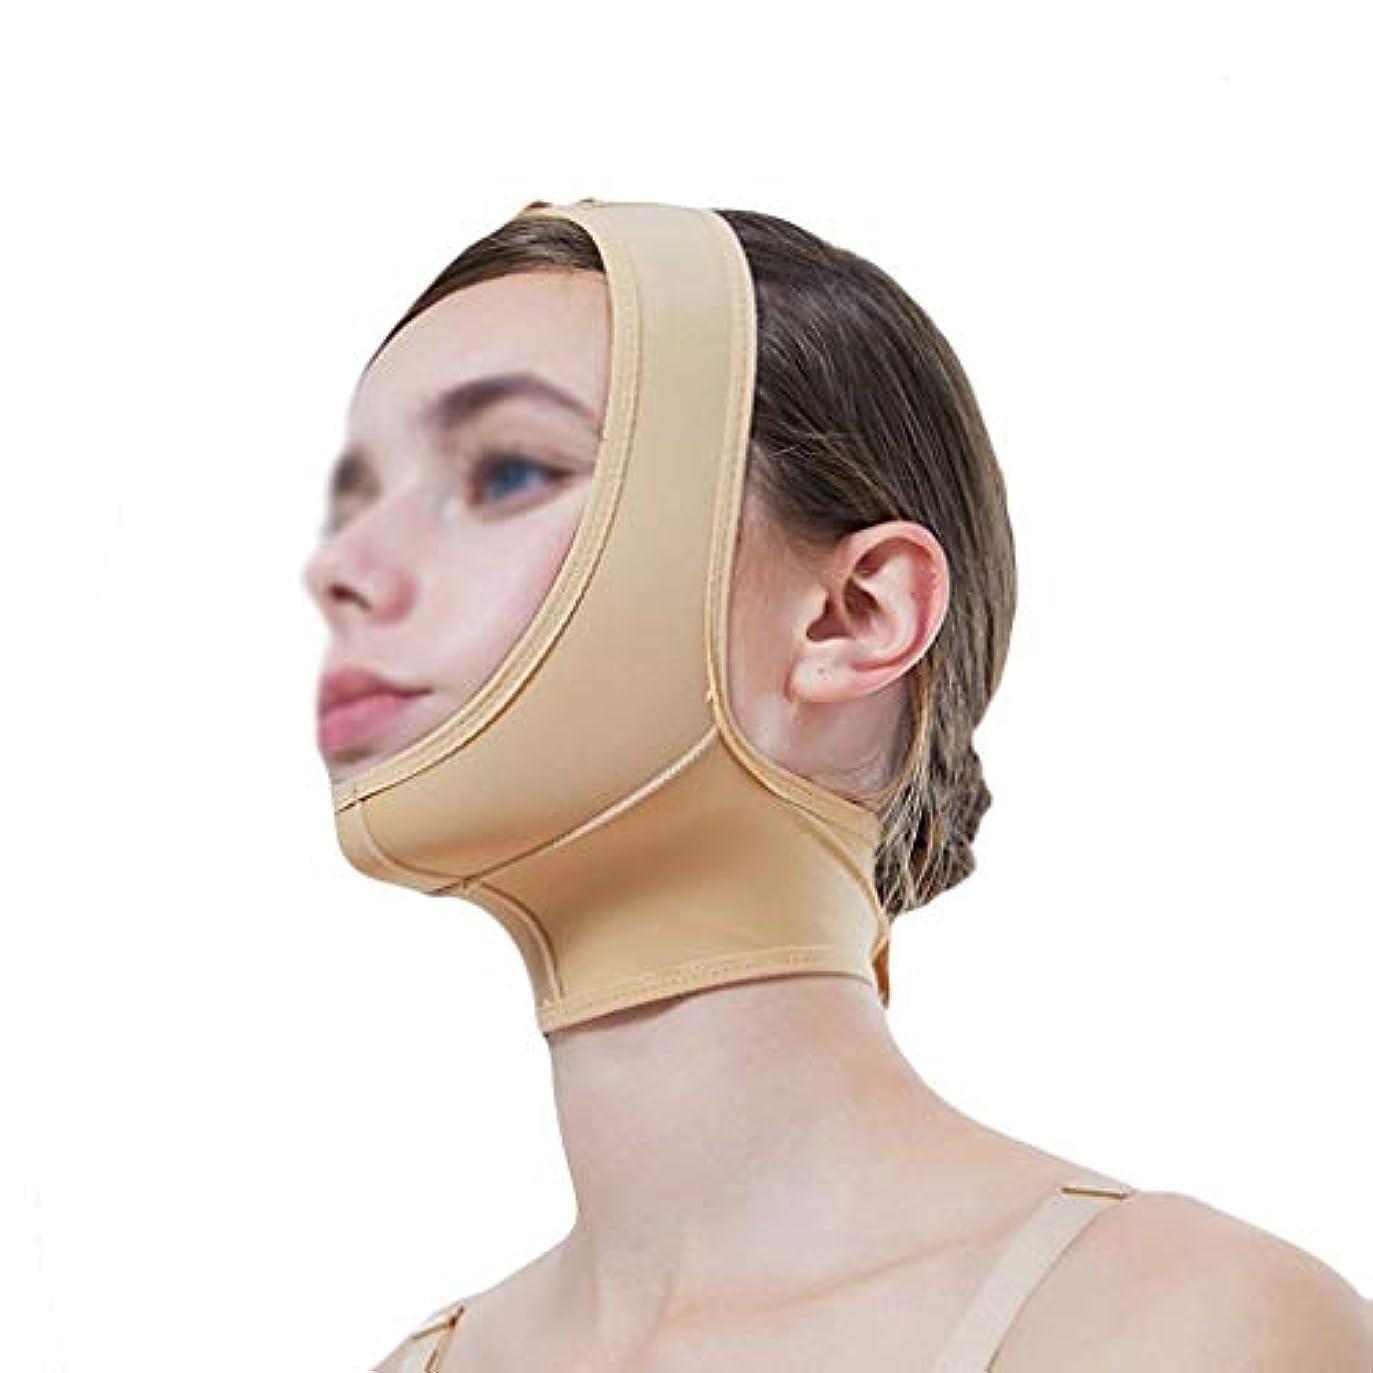 かすかなカウントボイラーマスク、超薄型ベルト、フェイスリフティングに適し、フェイスリフティング、通気性包帯、あご取りベルト、超薄型ベルト、通気性(サイズ:XL),XXL